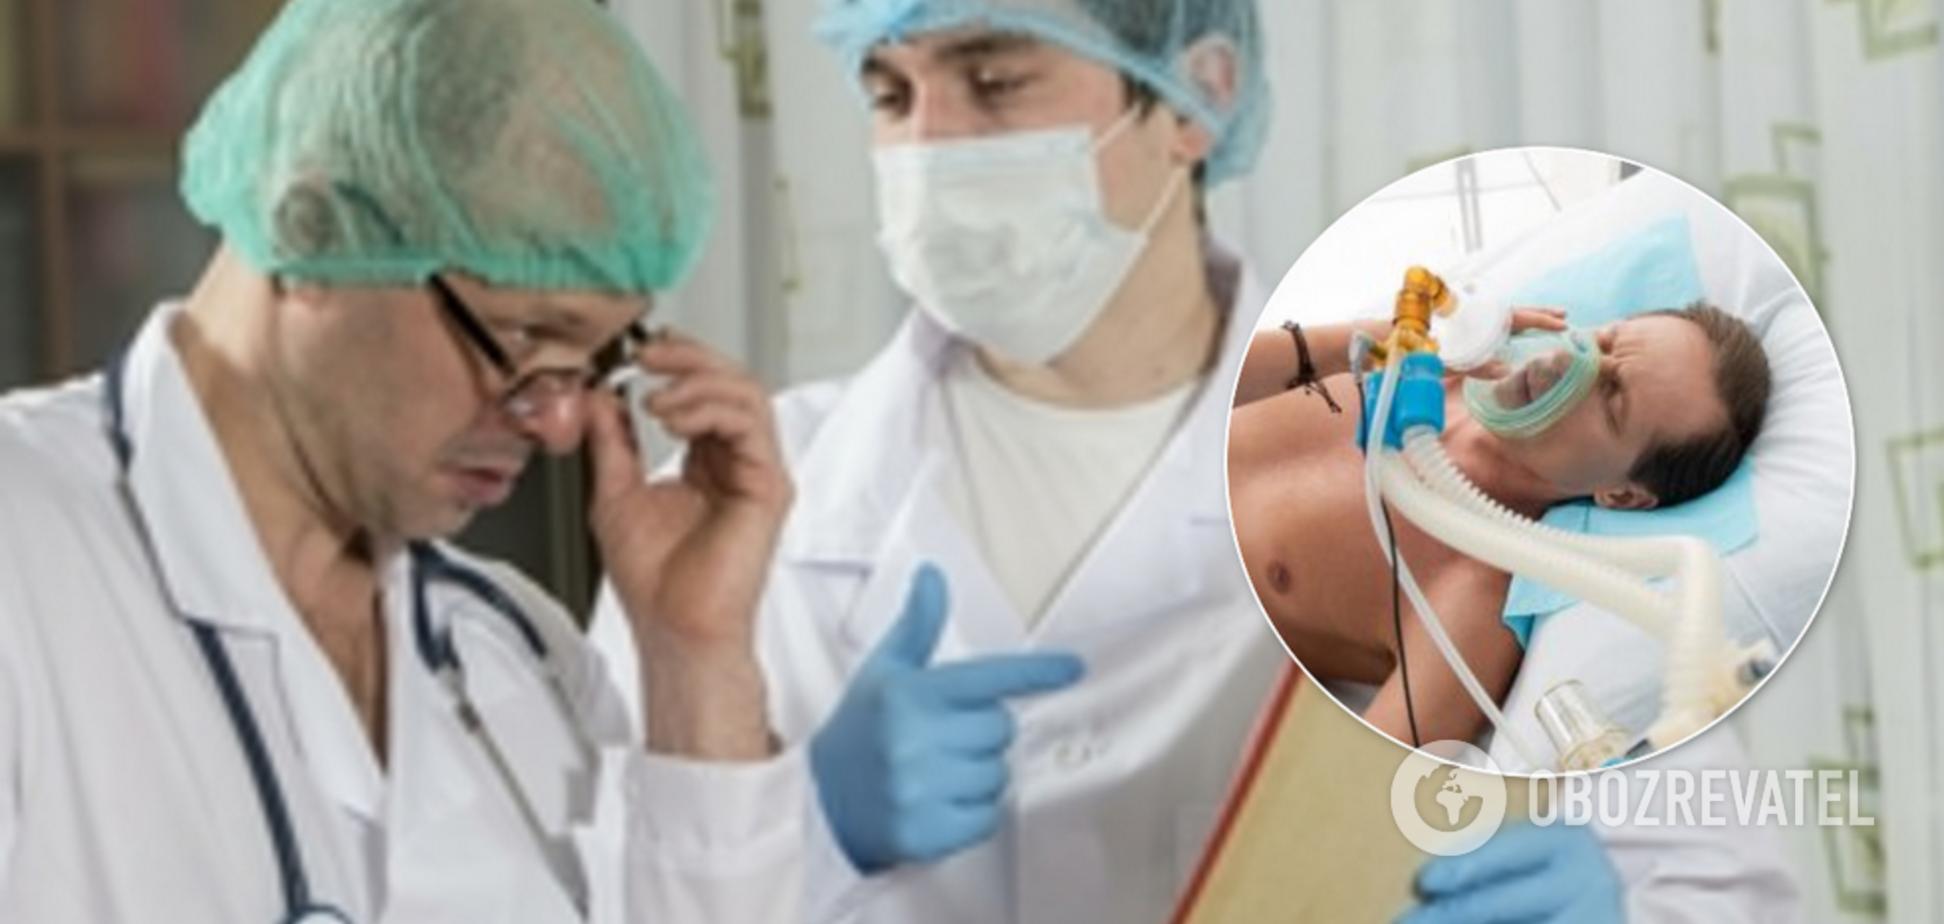 В Новомосковске больному с коронавирусом несколько дней не могли поставить диагноз